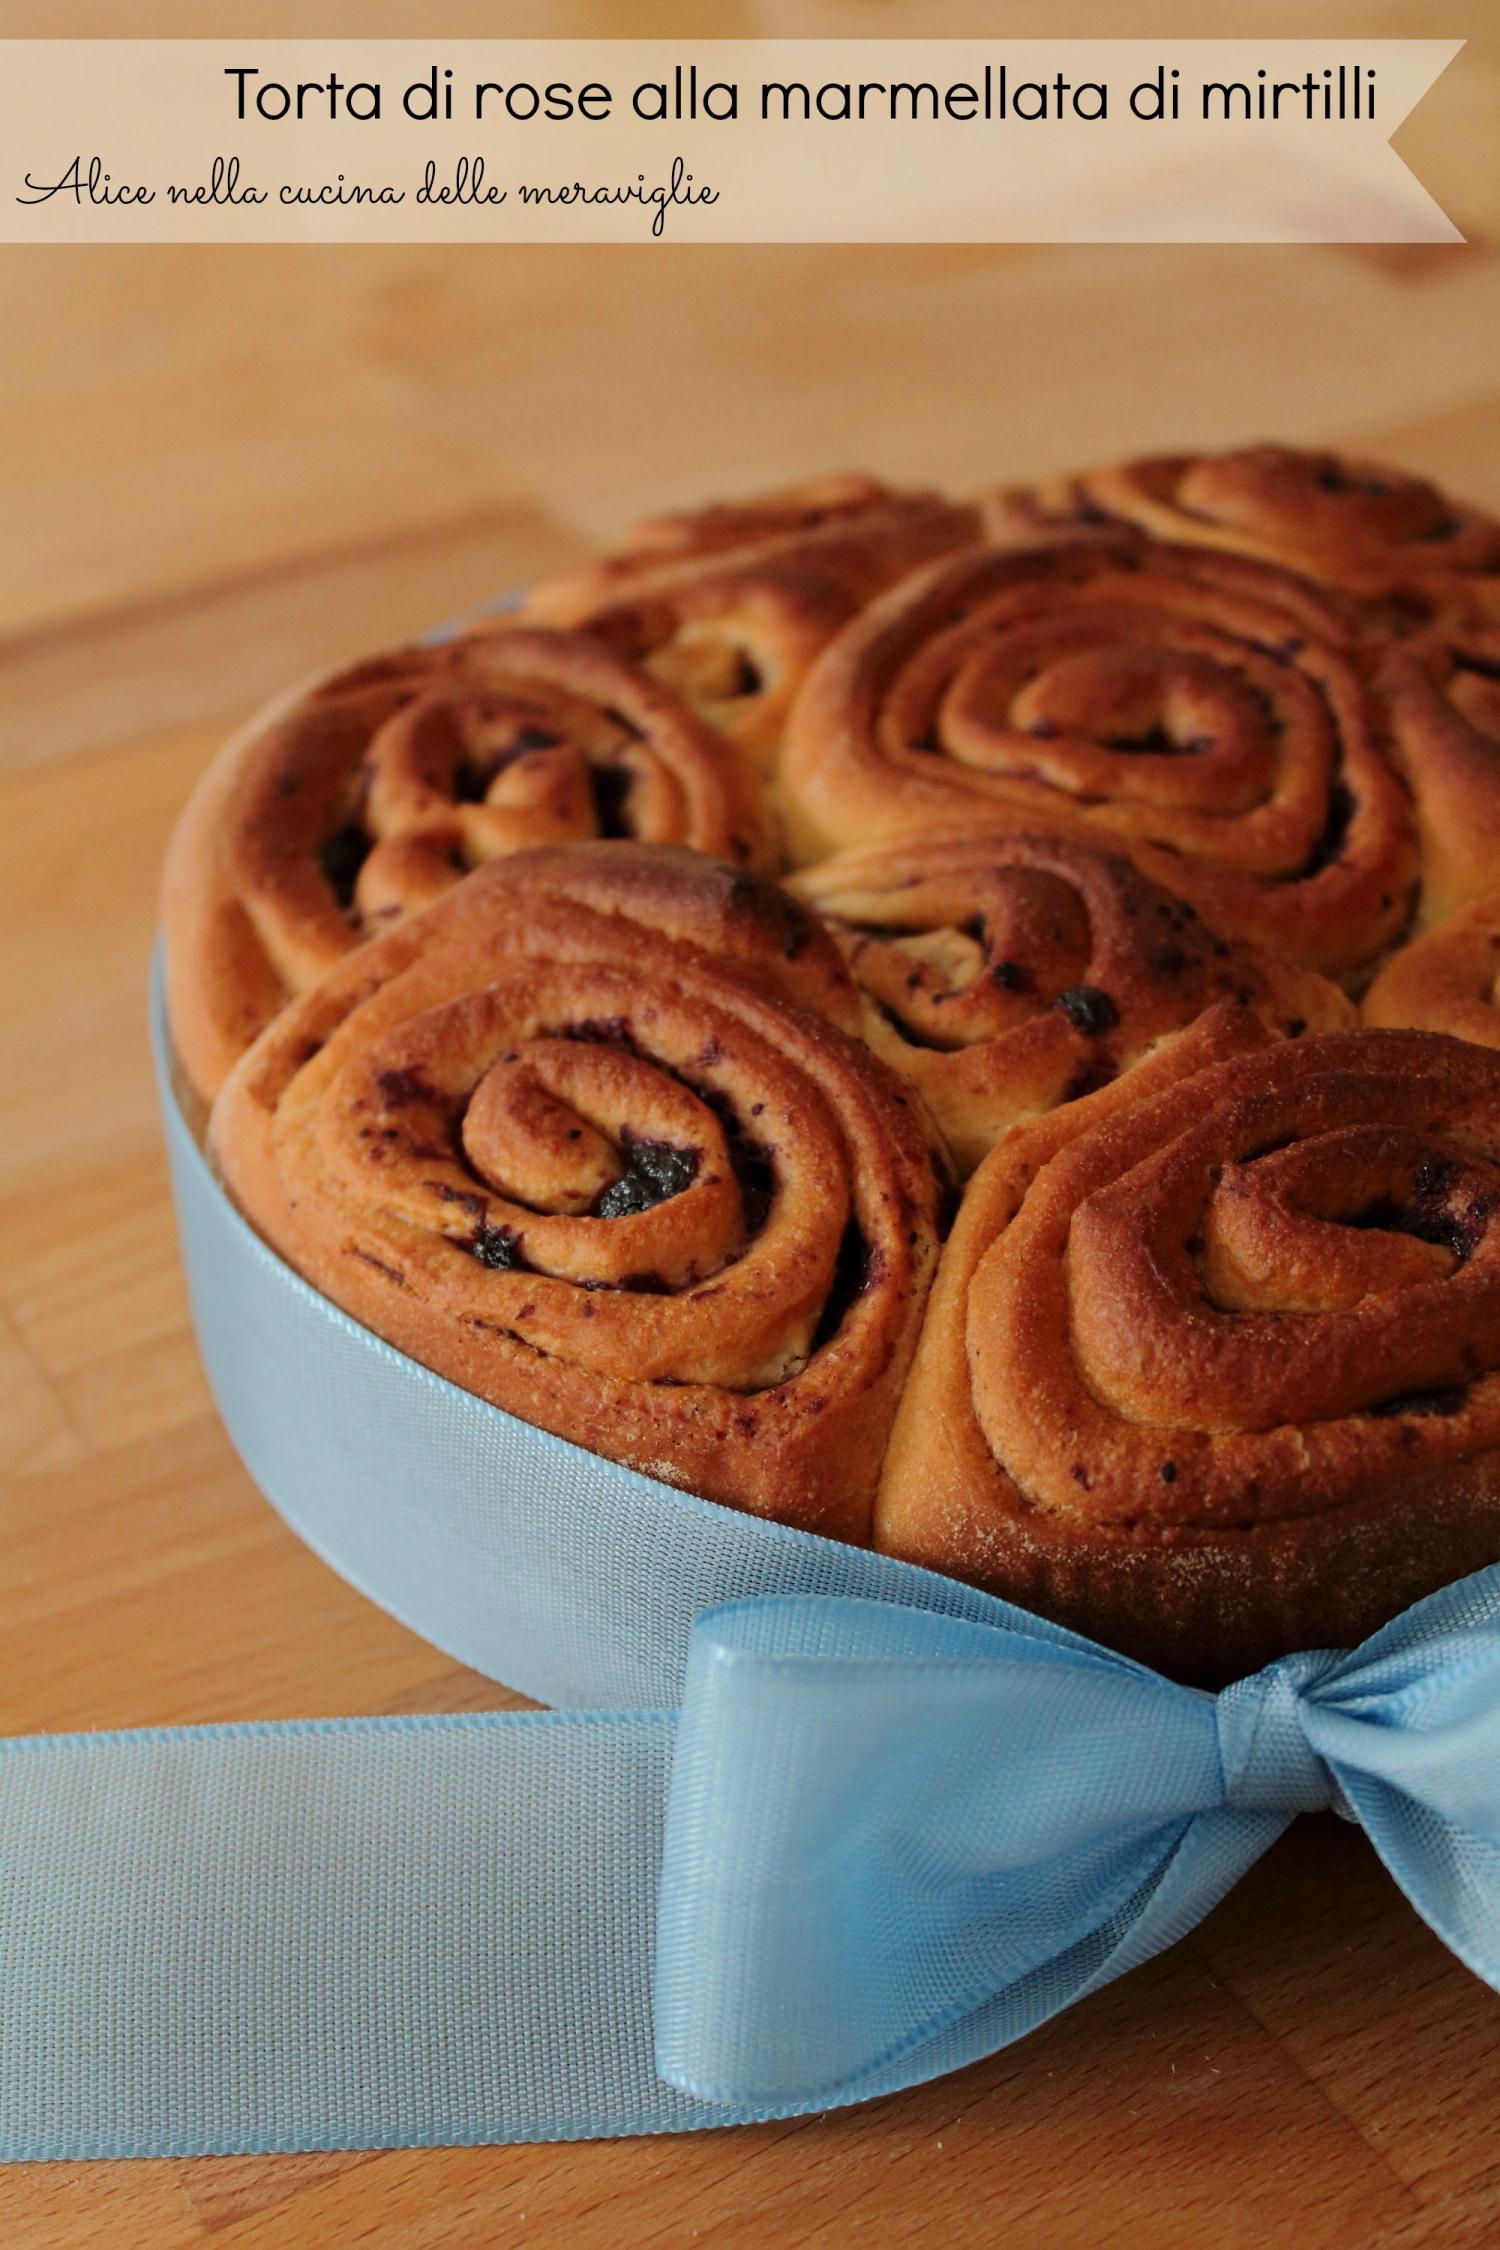 Torta di rose alla marmellata di mirtilli Ricetta lievitato dolce Alice nella cucina delle meraviglie